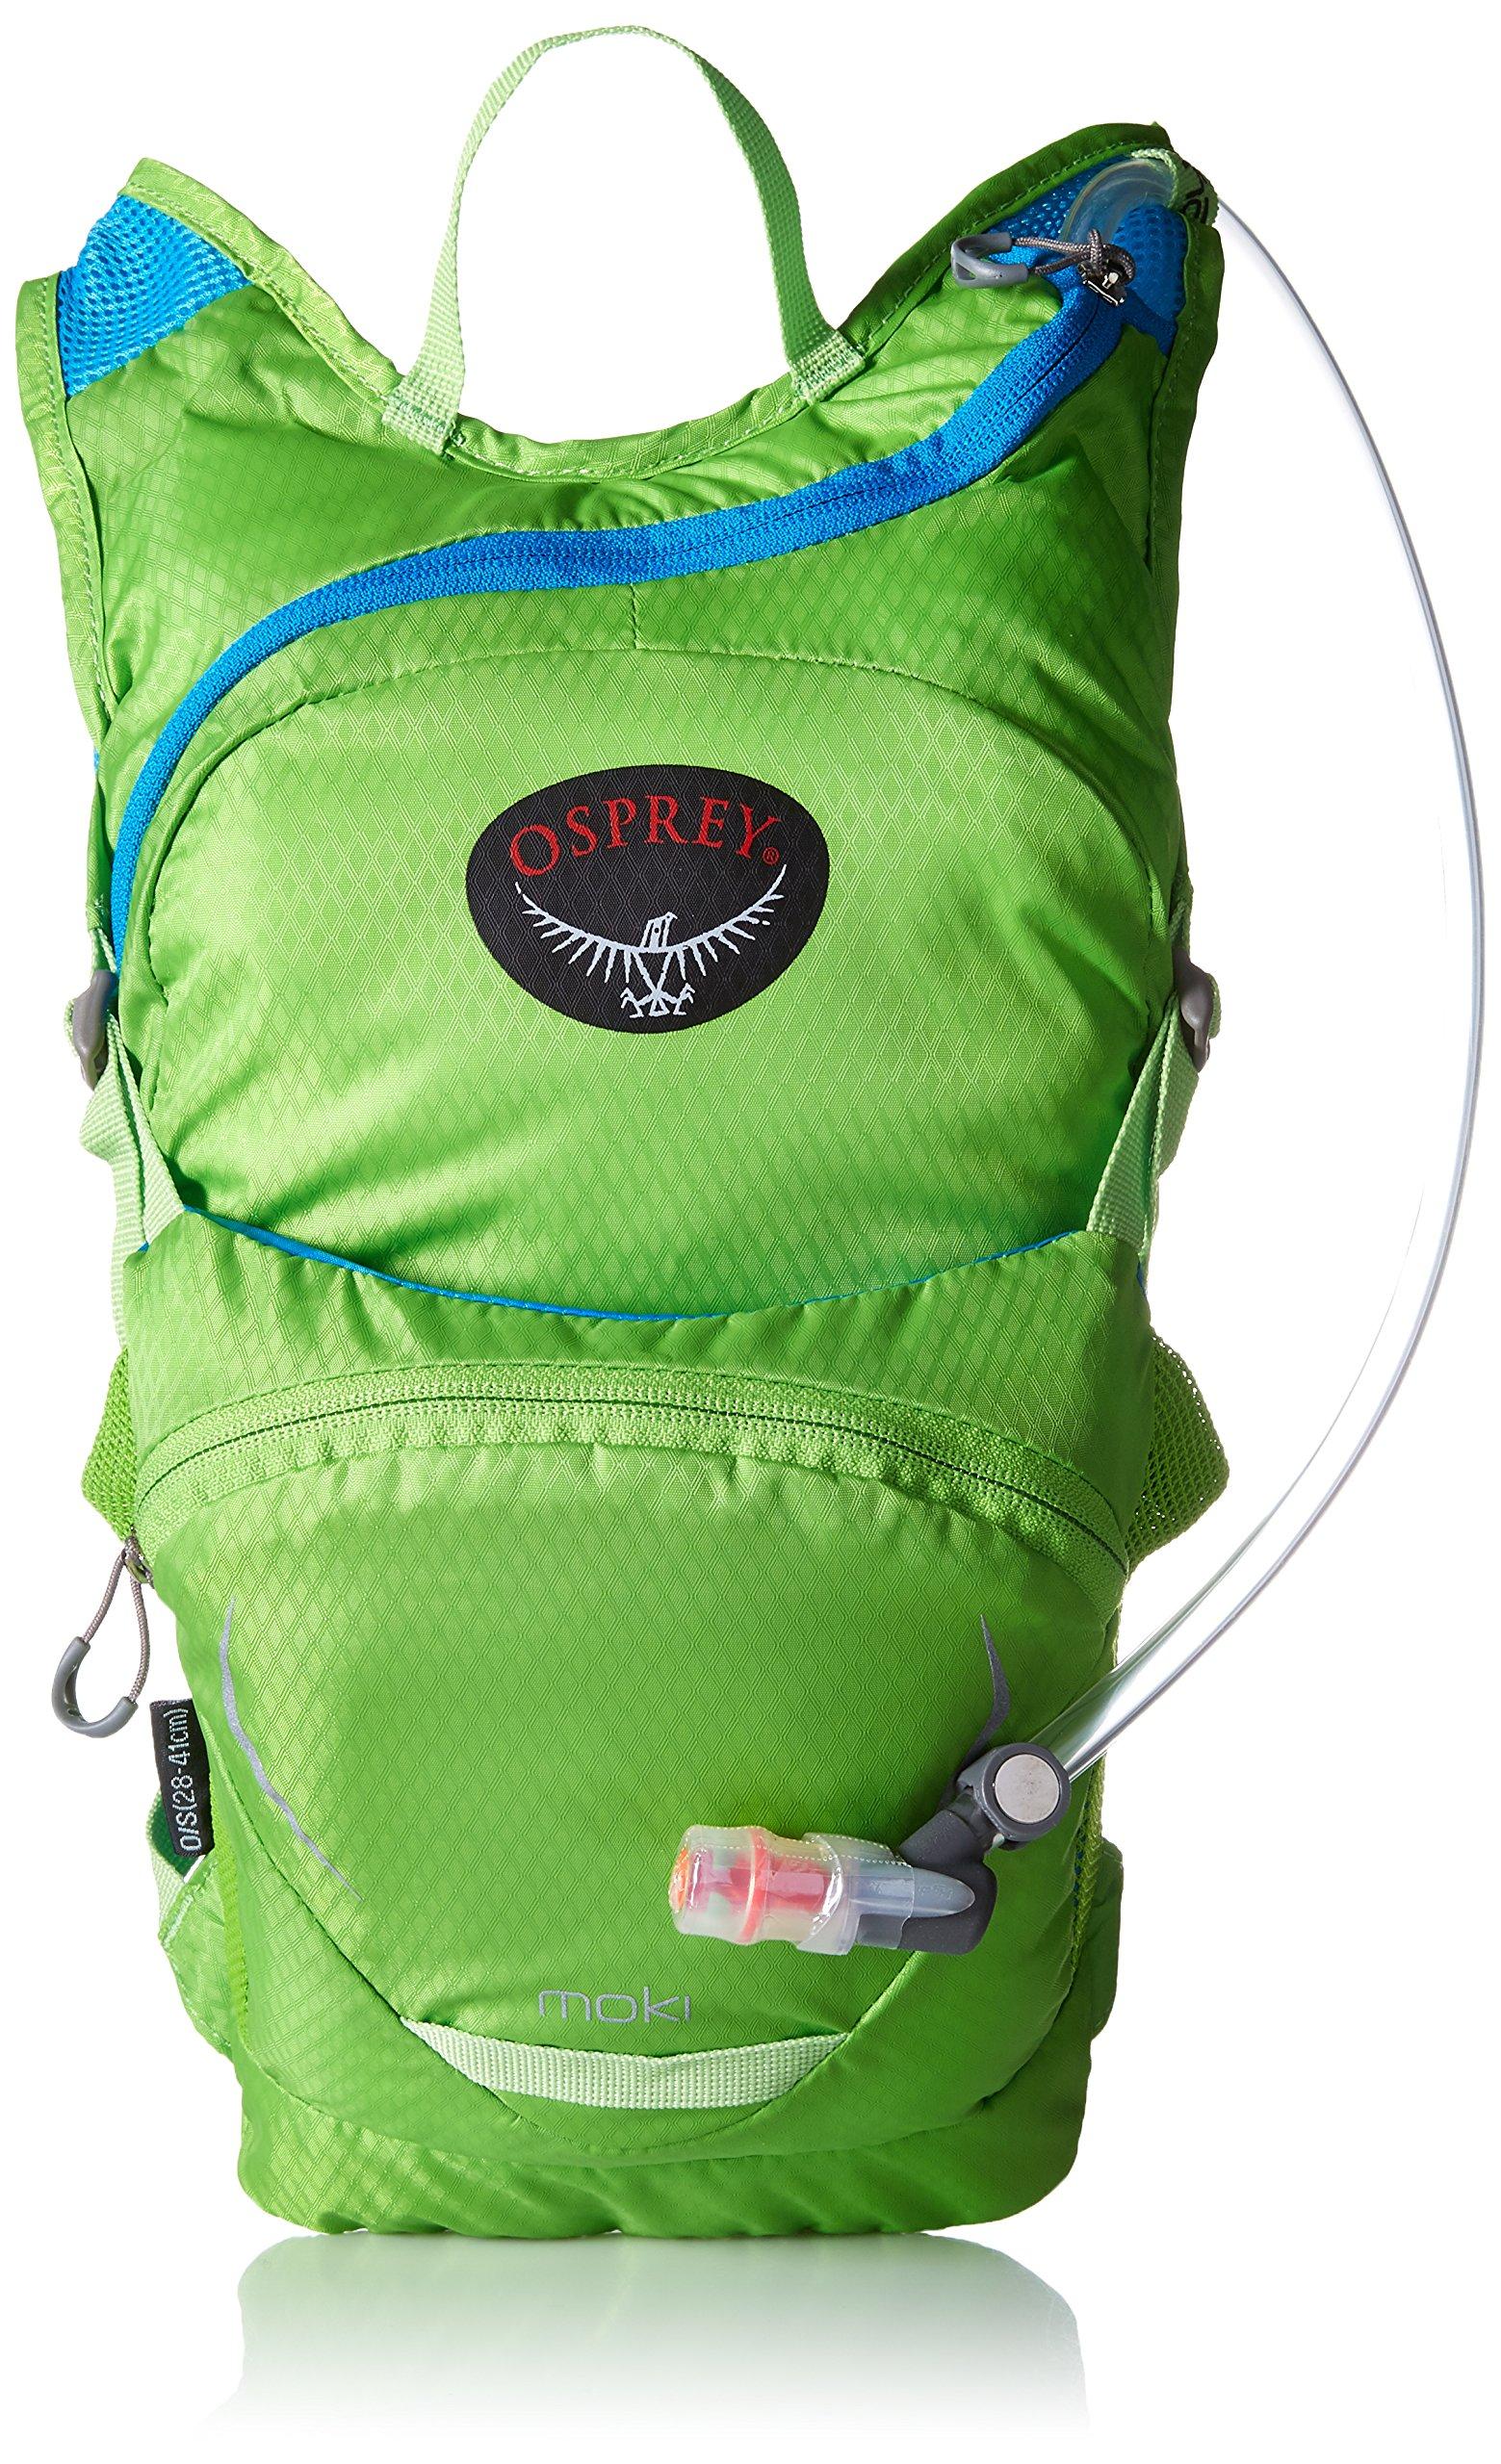 Osprey Packs Kid's Moki 1.5 Hydration Pack, Grasshopper Green by Osprey (Image #1)